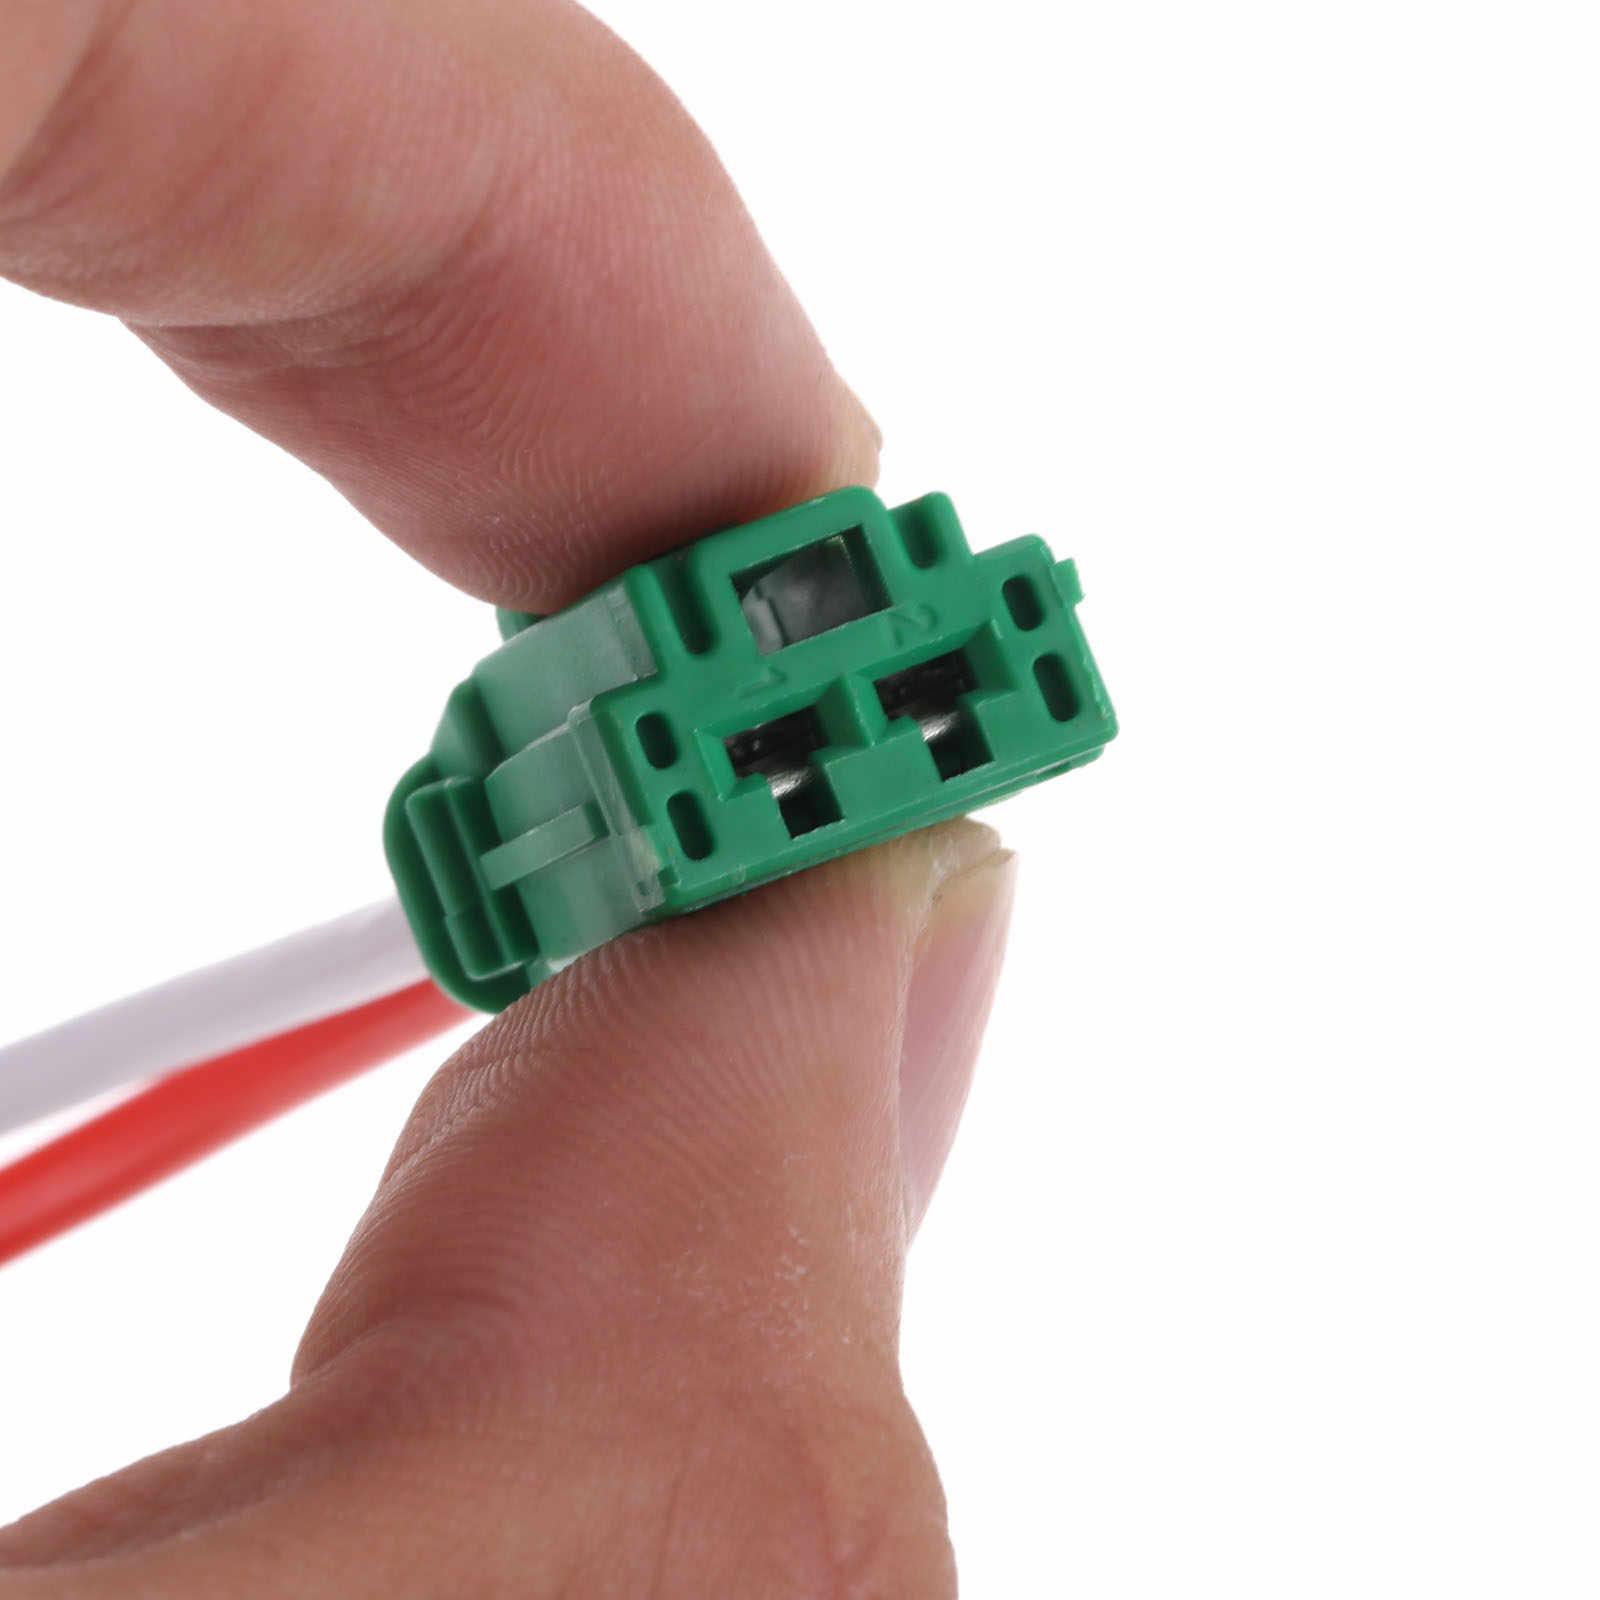 Ventilateur de voiture moteur chauffage ventilateur résistance connecteur/fil pour citroën Peugeot Renault Nissan YPGFJCT4 YPGFJCT4 avec fil 6441. L2